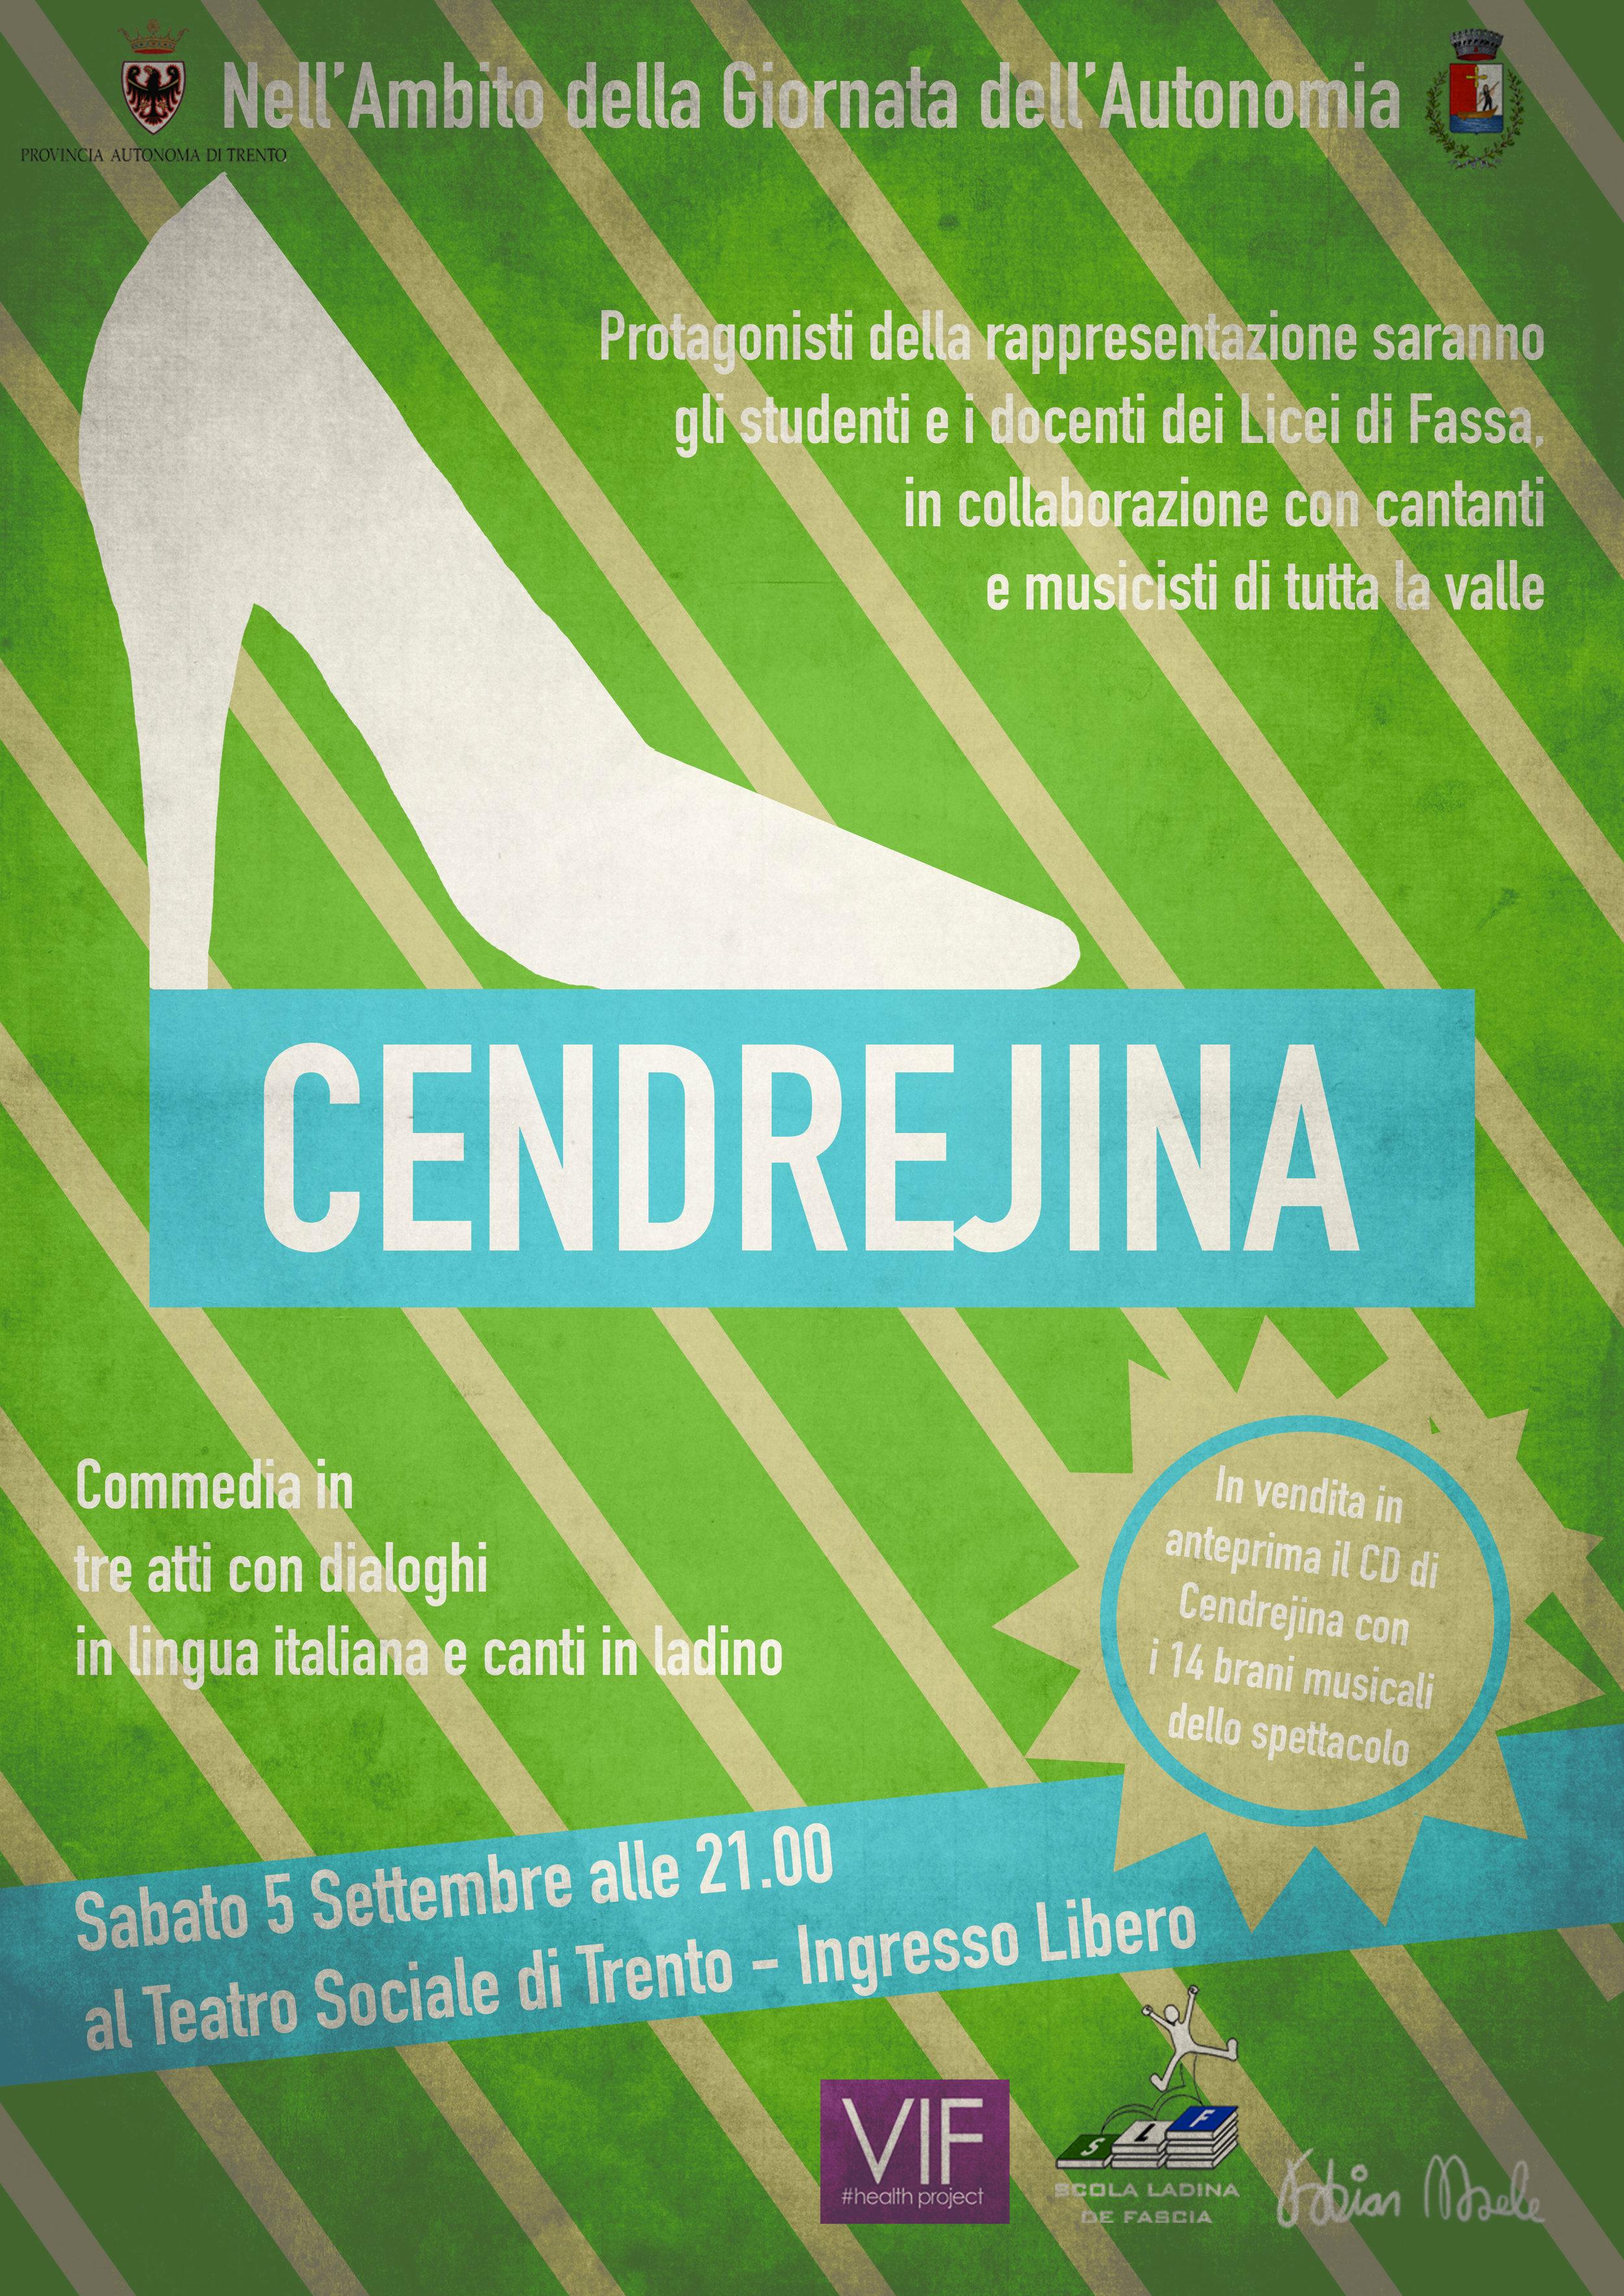 cendrejina-Manifesto-Trento.jpg